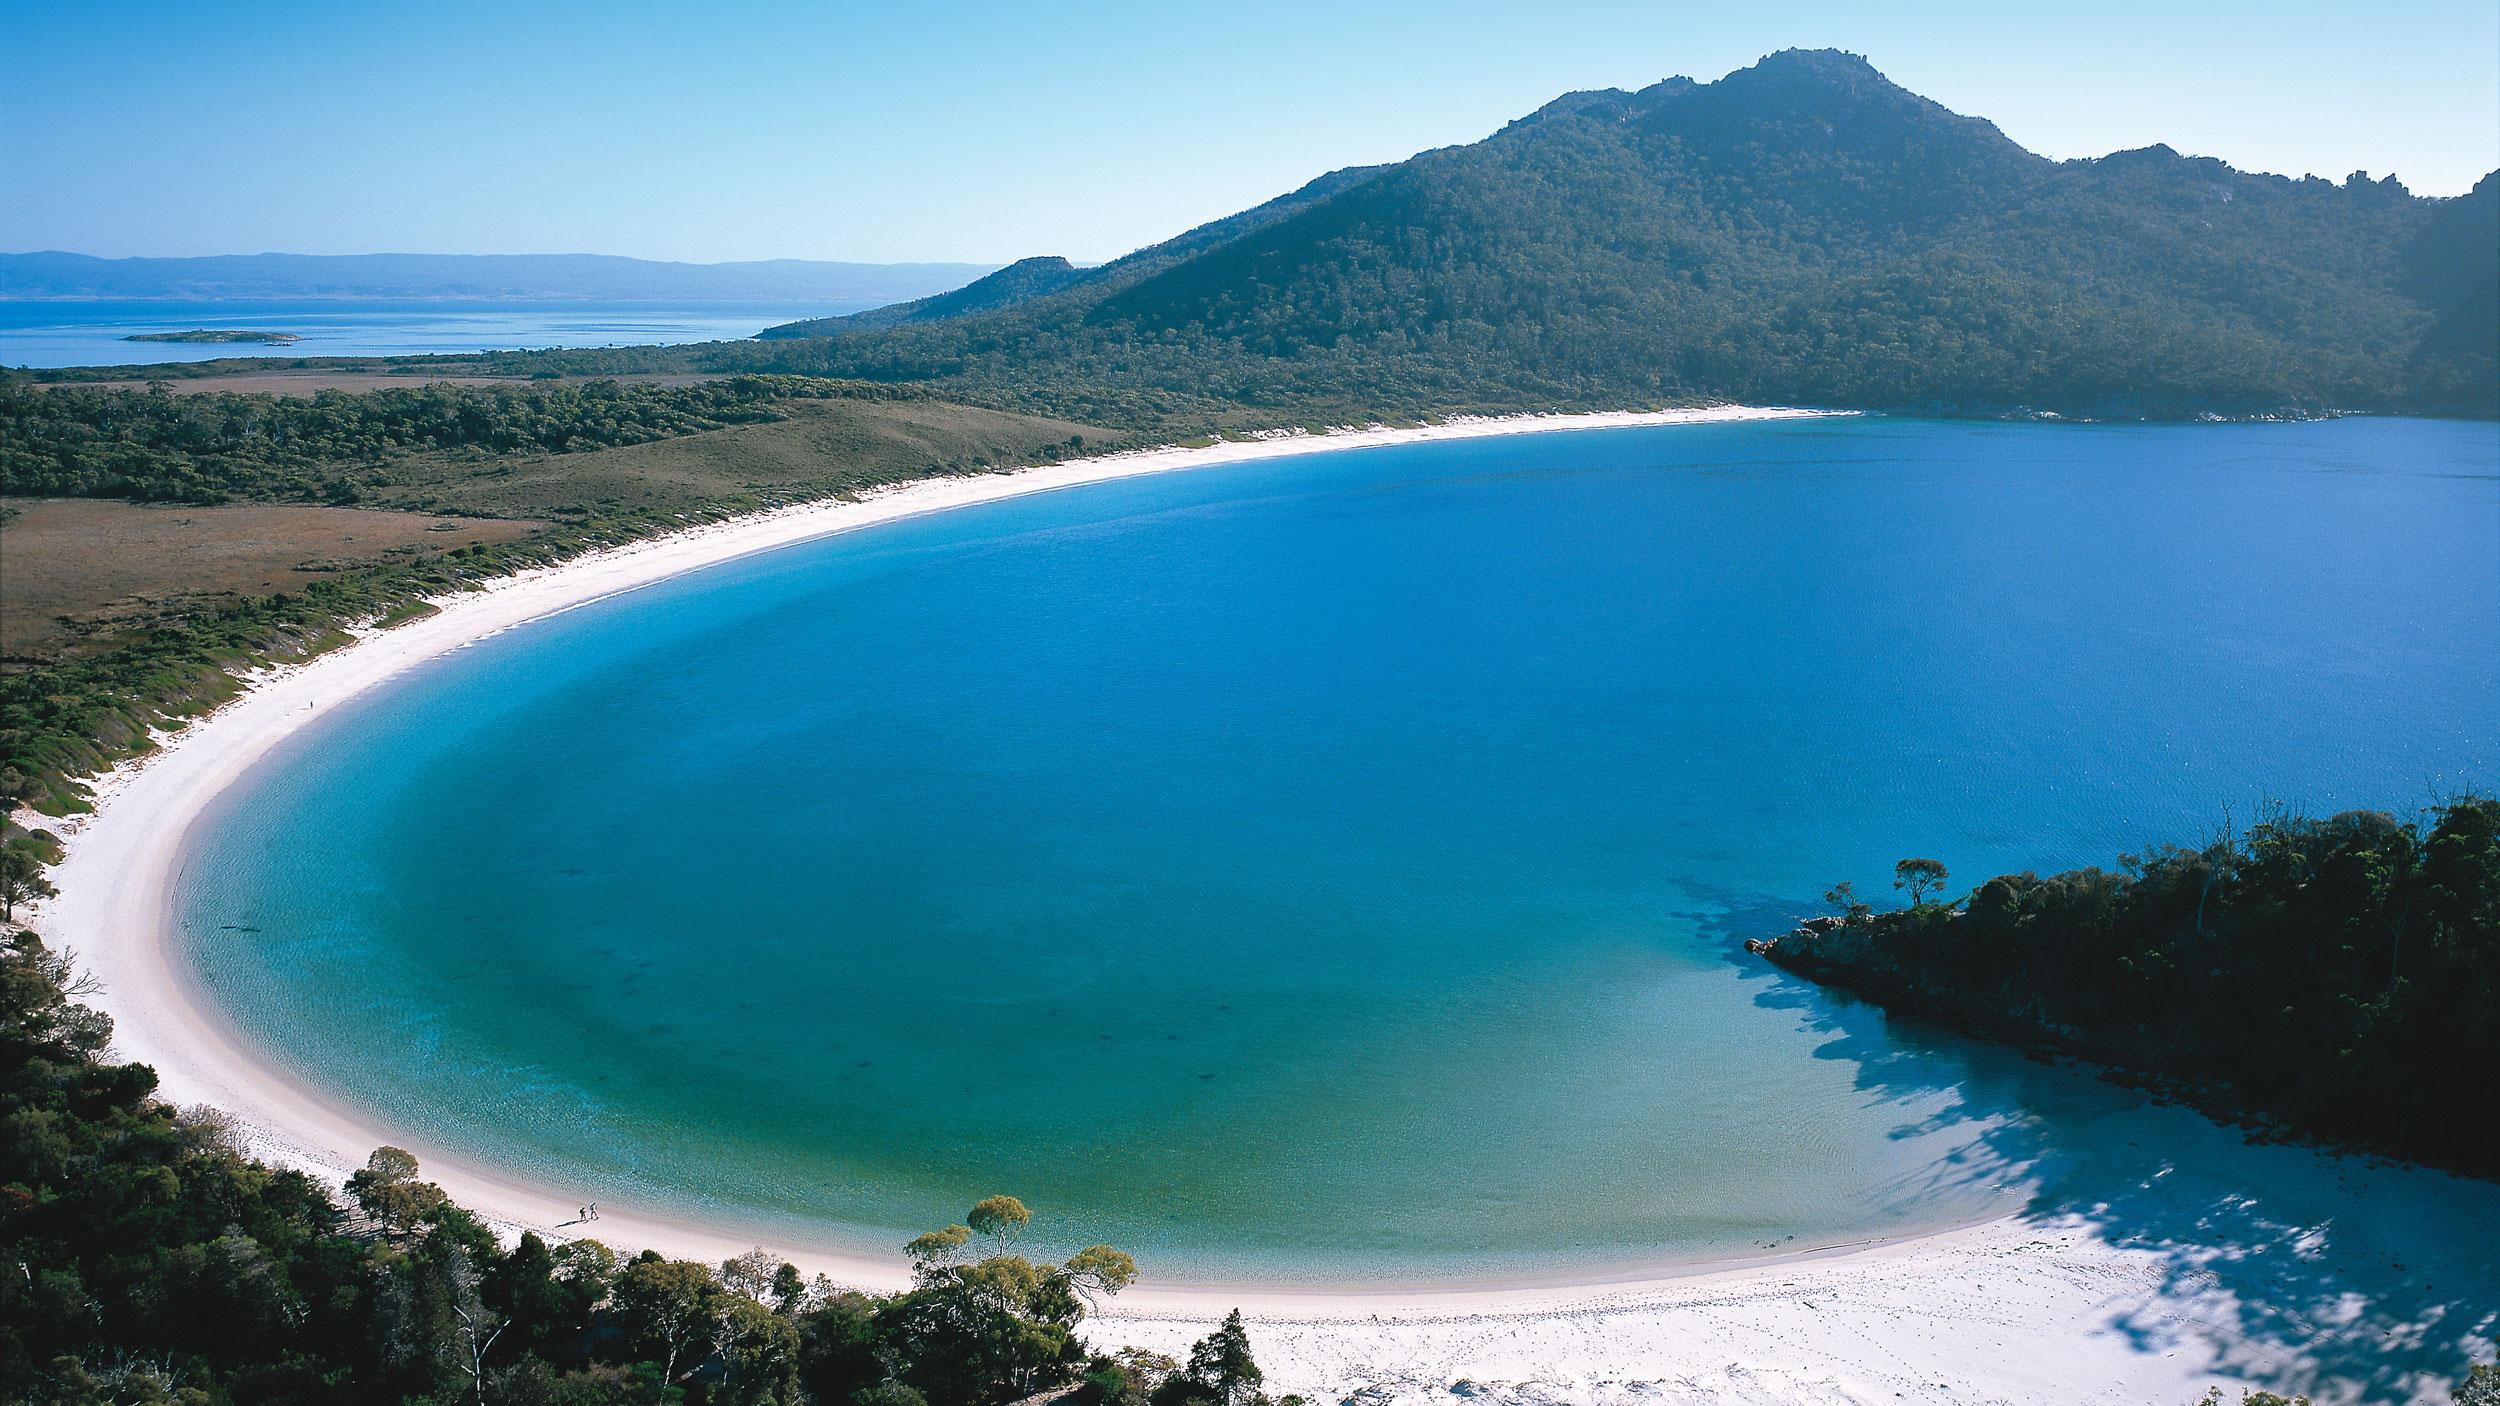 Alquiler de yates en Hobart y Tasmania